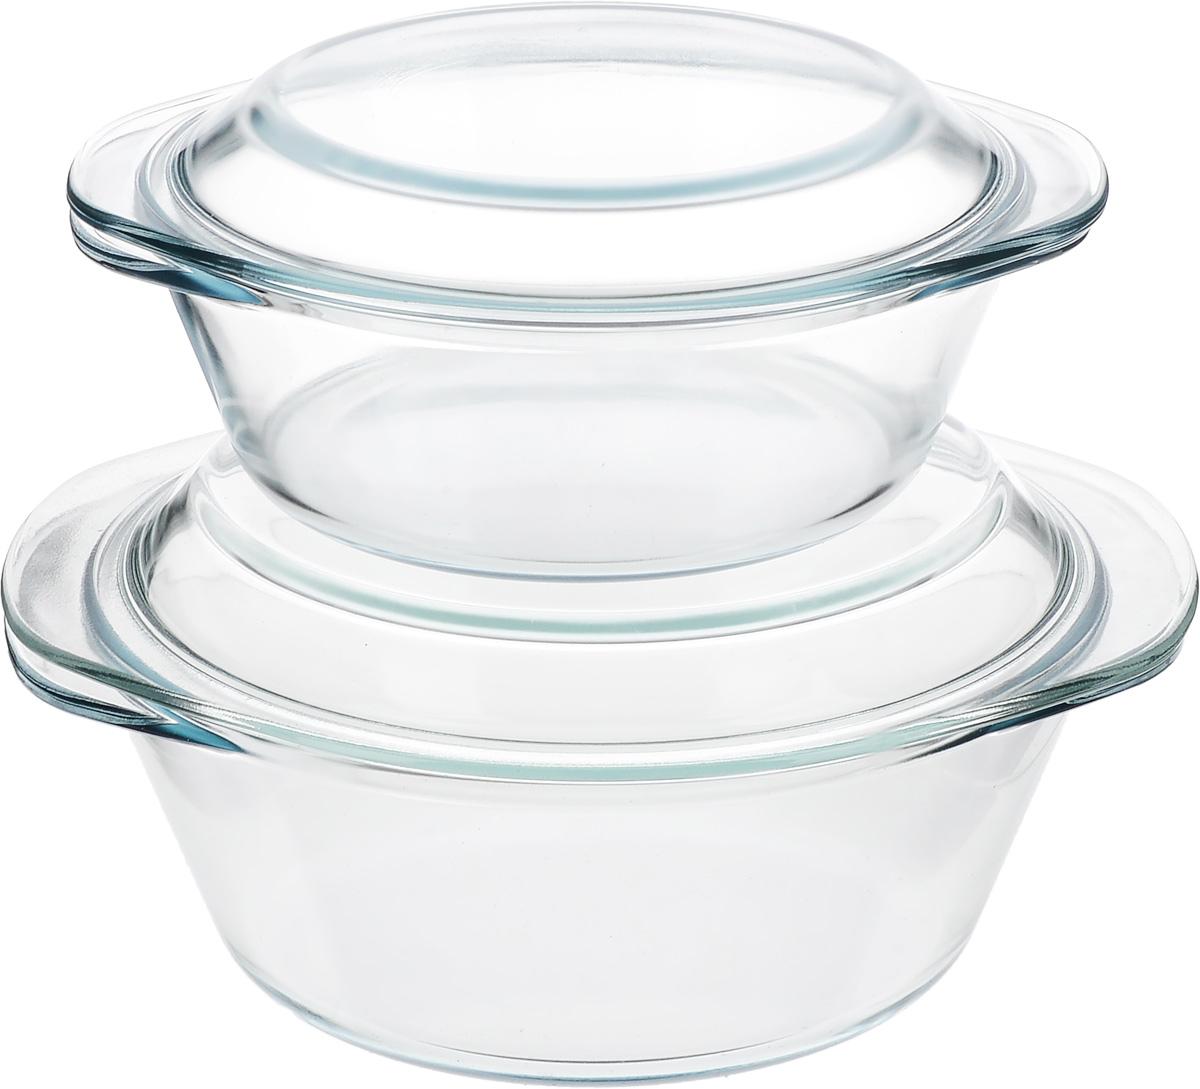 Набор кастрюль Helper  Gurman , с крышками, 4 предмета - Посуда для приготовления